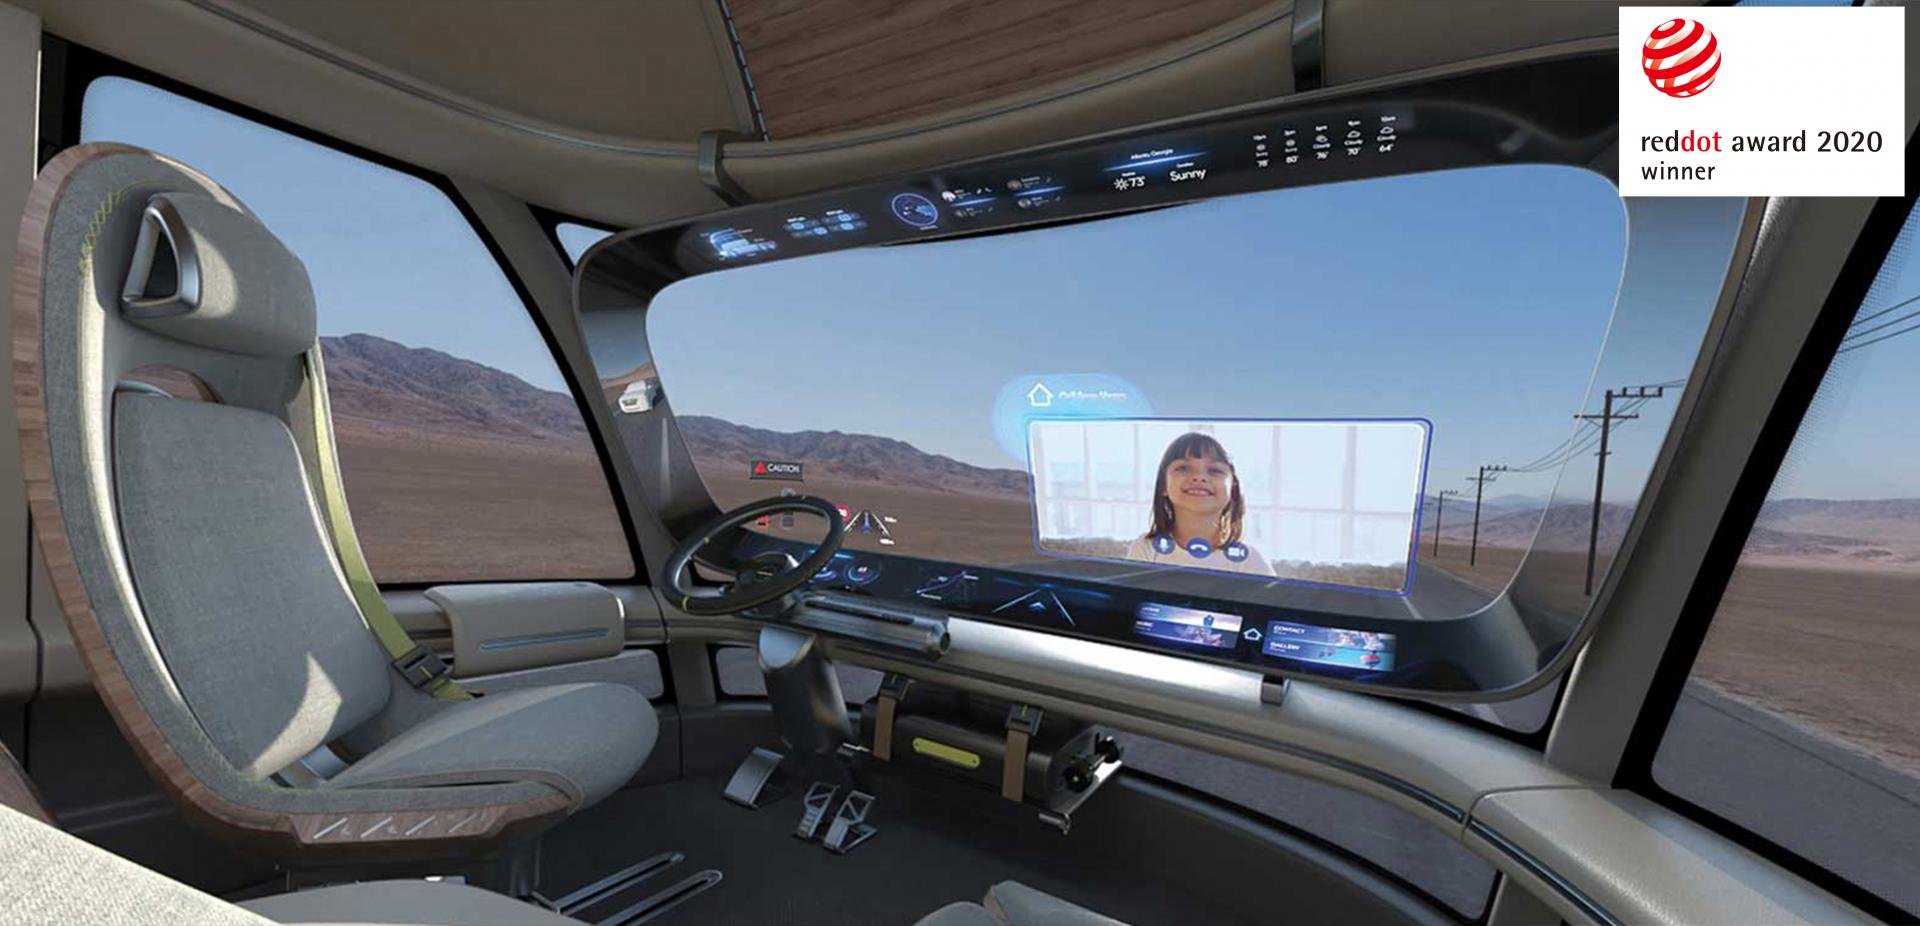 Компанія Hyundai Motor отримала три нагороди Red Dot Award 2020 за концептуальний дизайн   Техноцентр «Навигатор» - фото 12